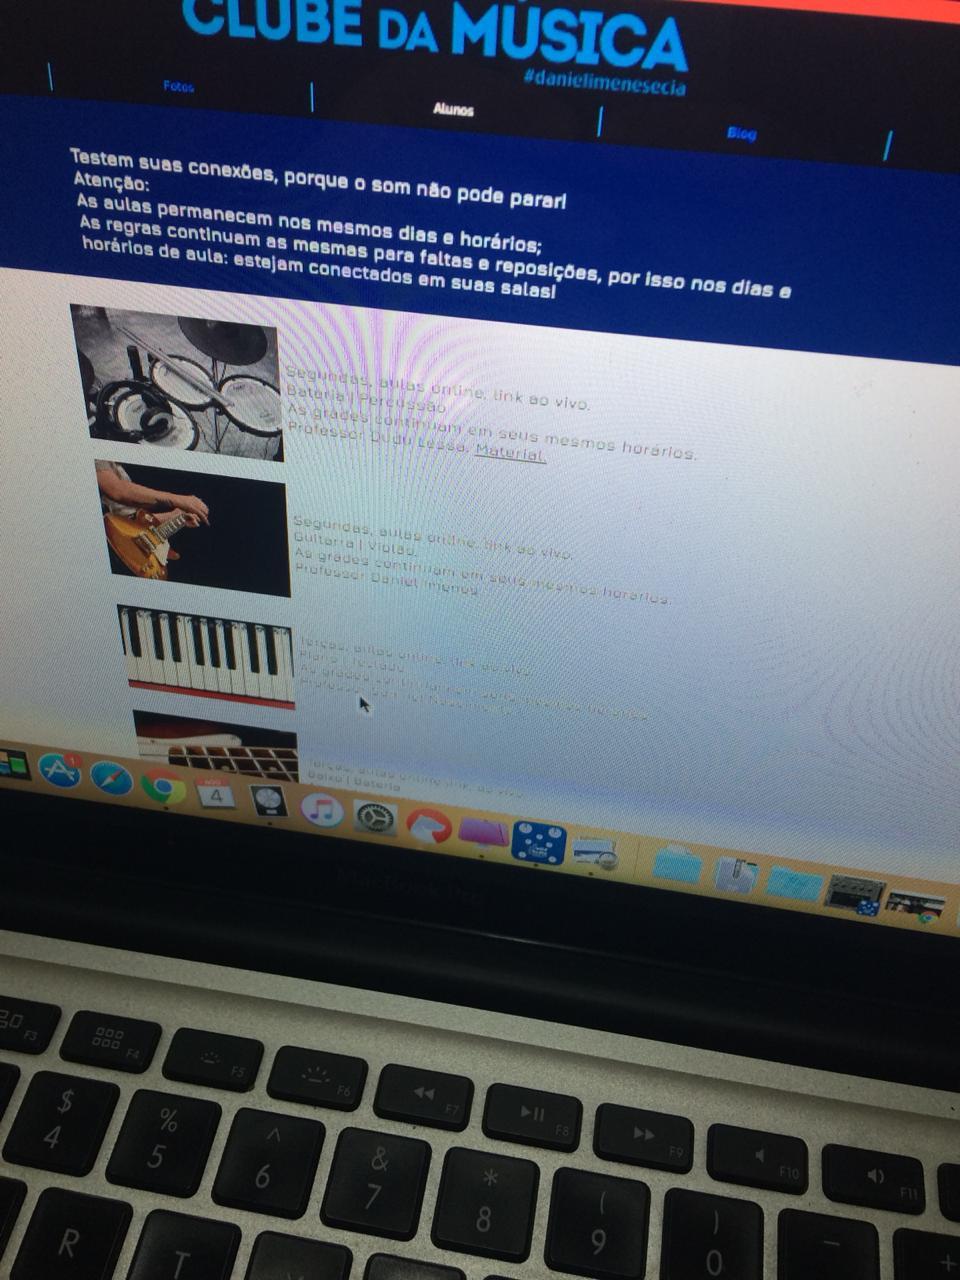 Escola de Música Online - Clube da Música